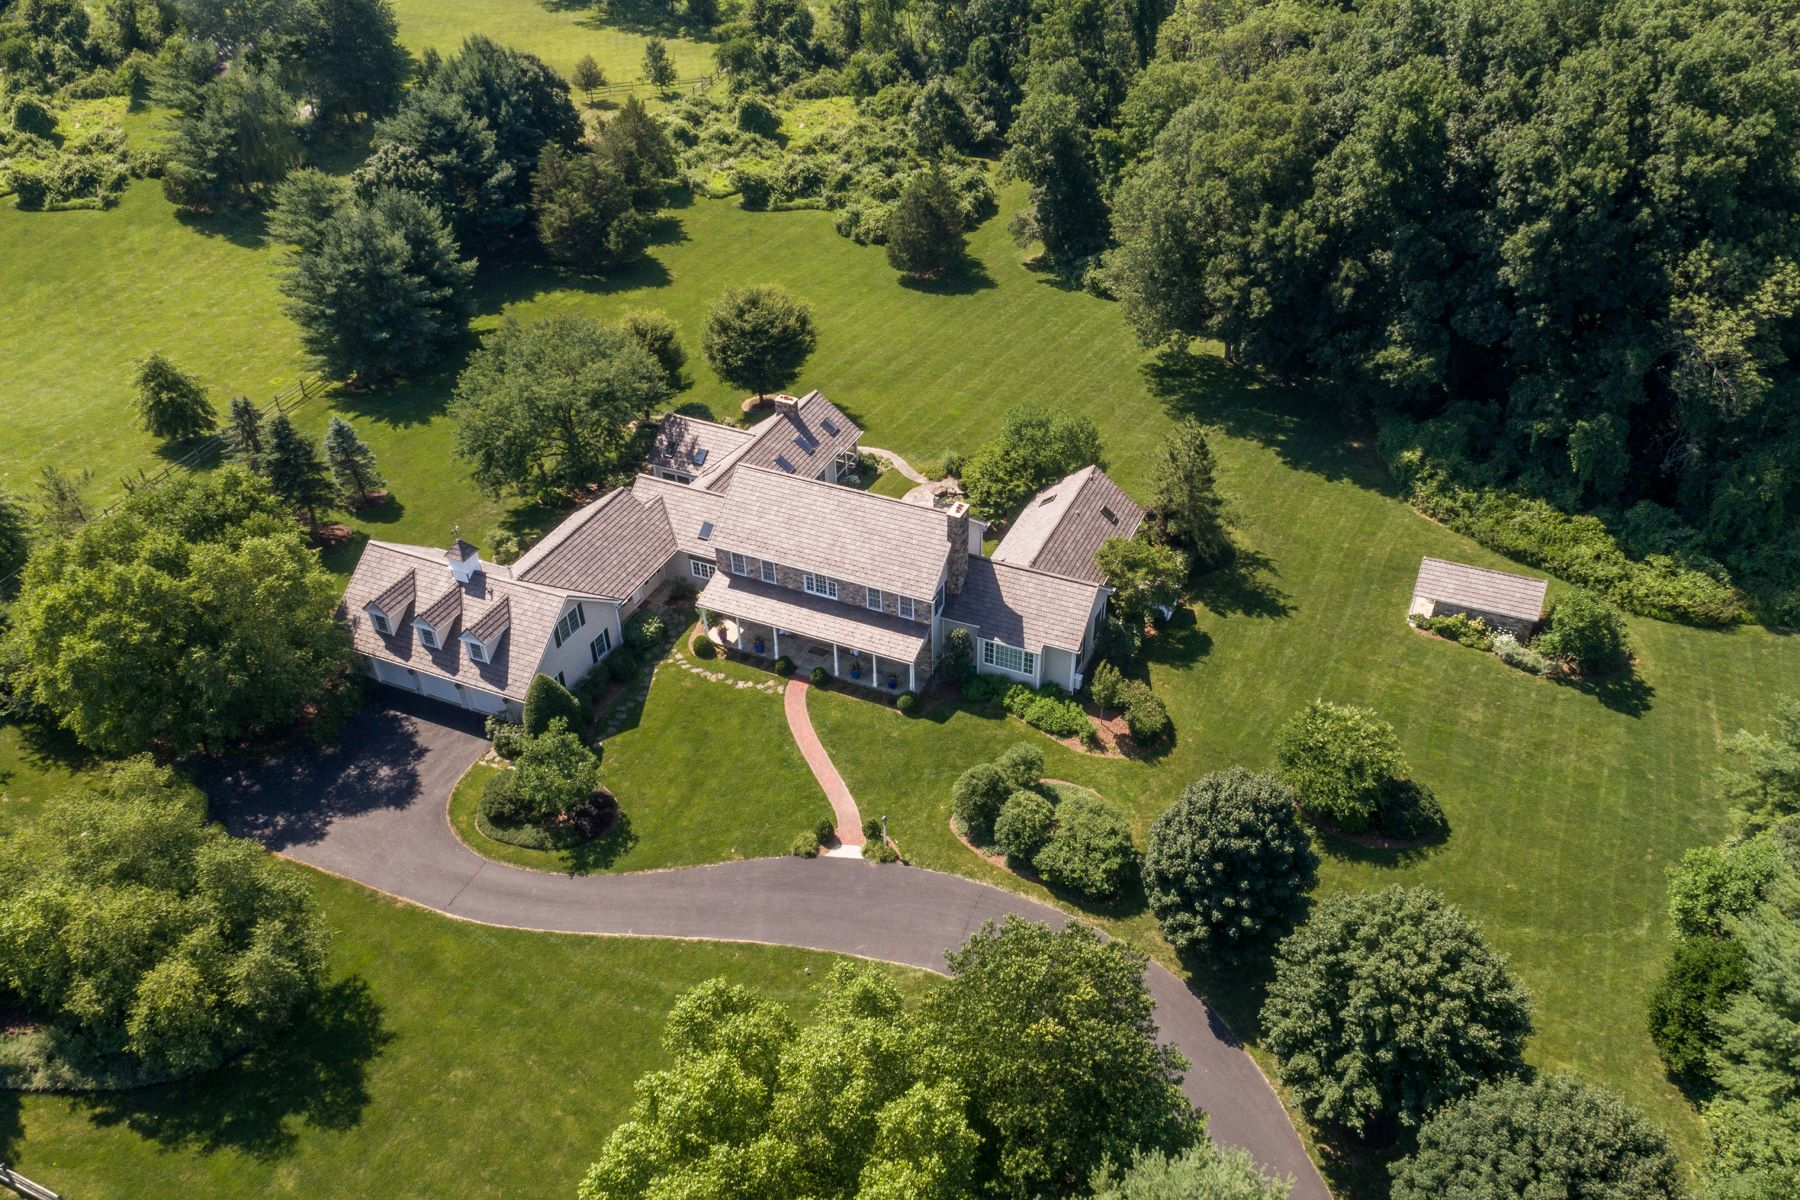 独户住宅 为 销售 在 6281 Meetinghouse Rd 新希望镇, 宾夕法尼亚州 18938 美国